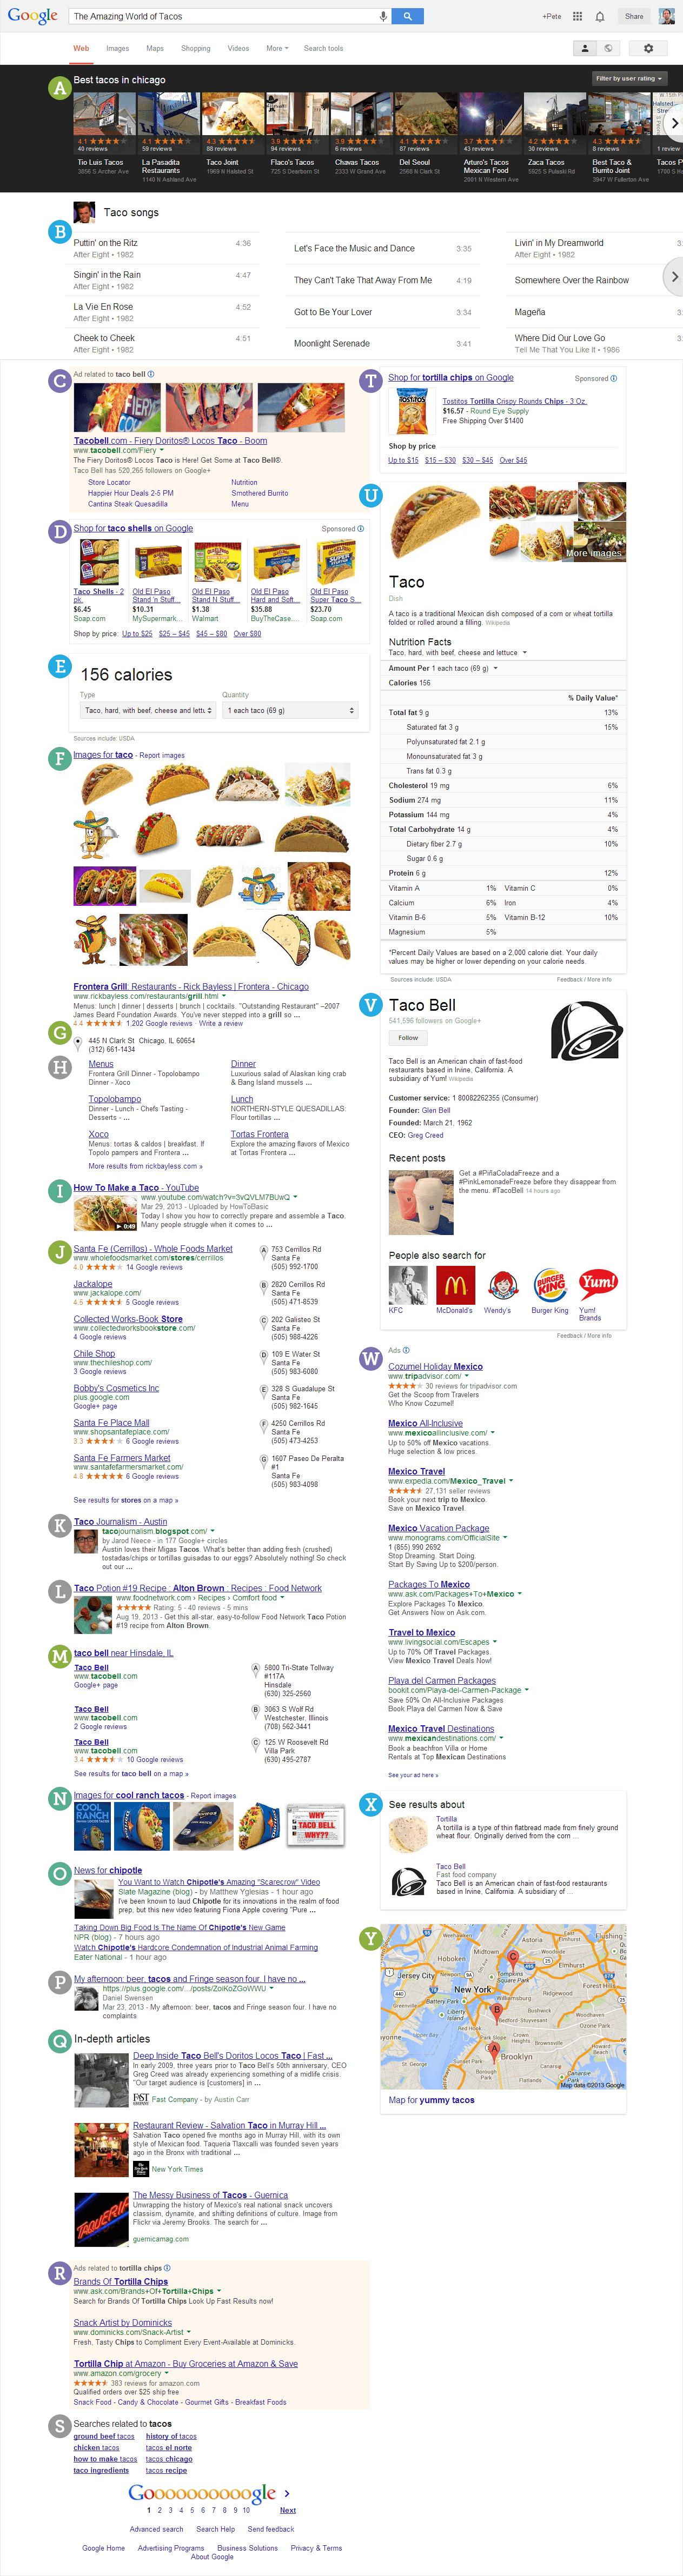 Una mega SERP di Google